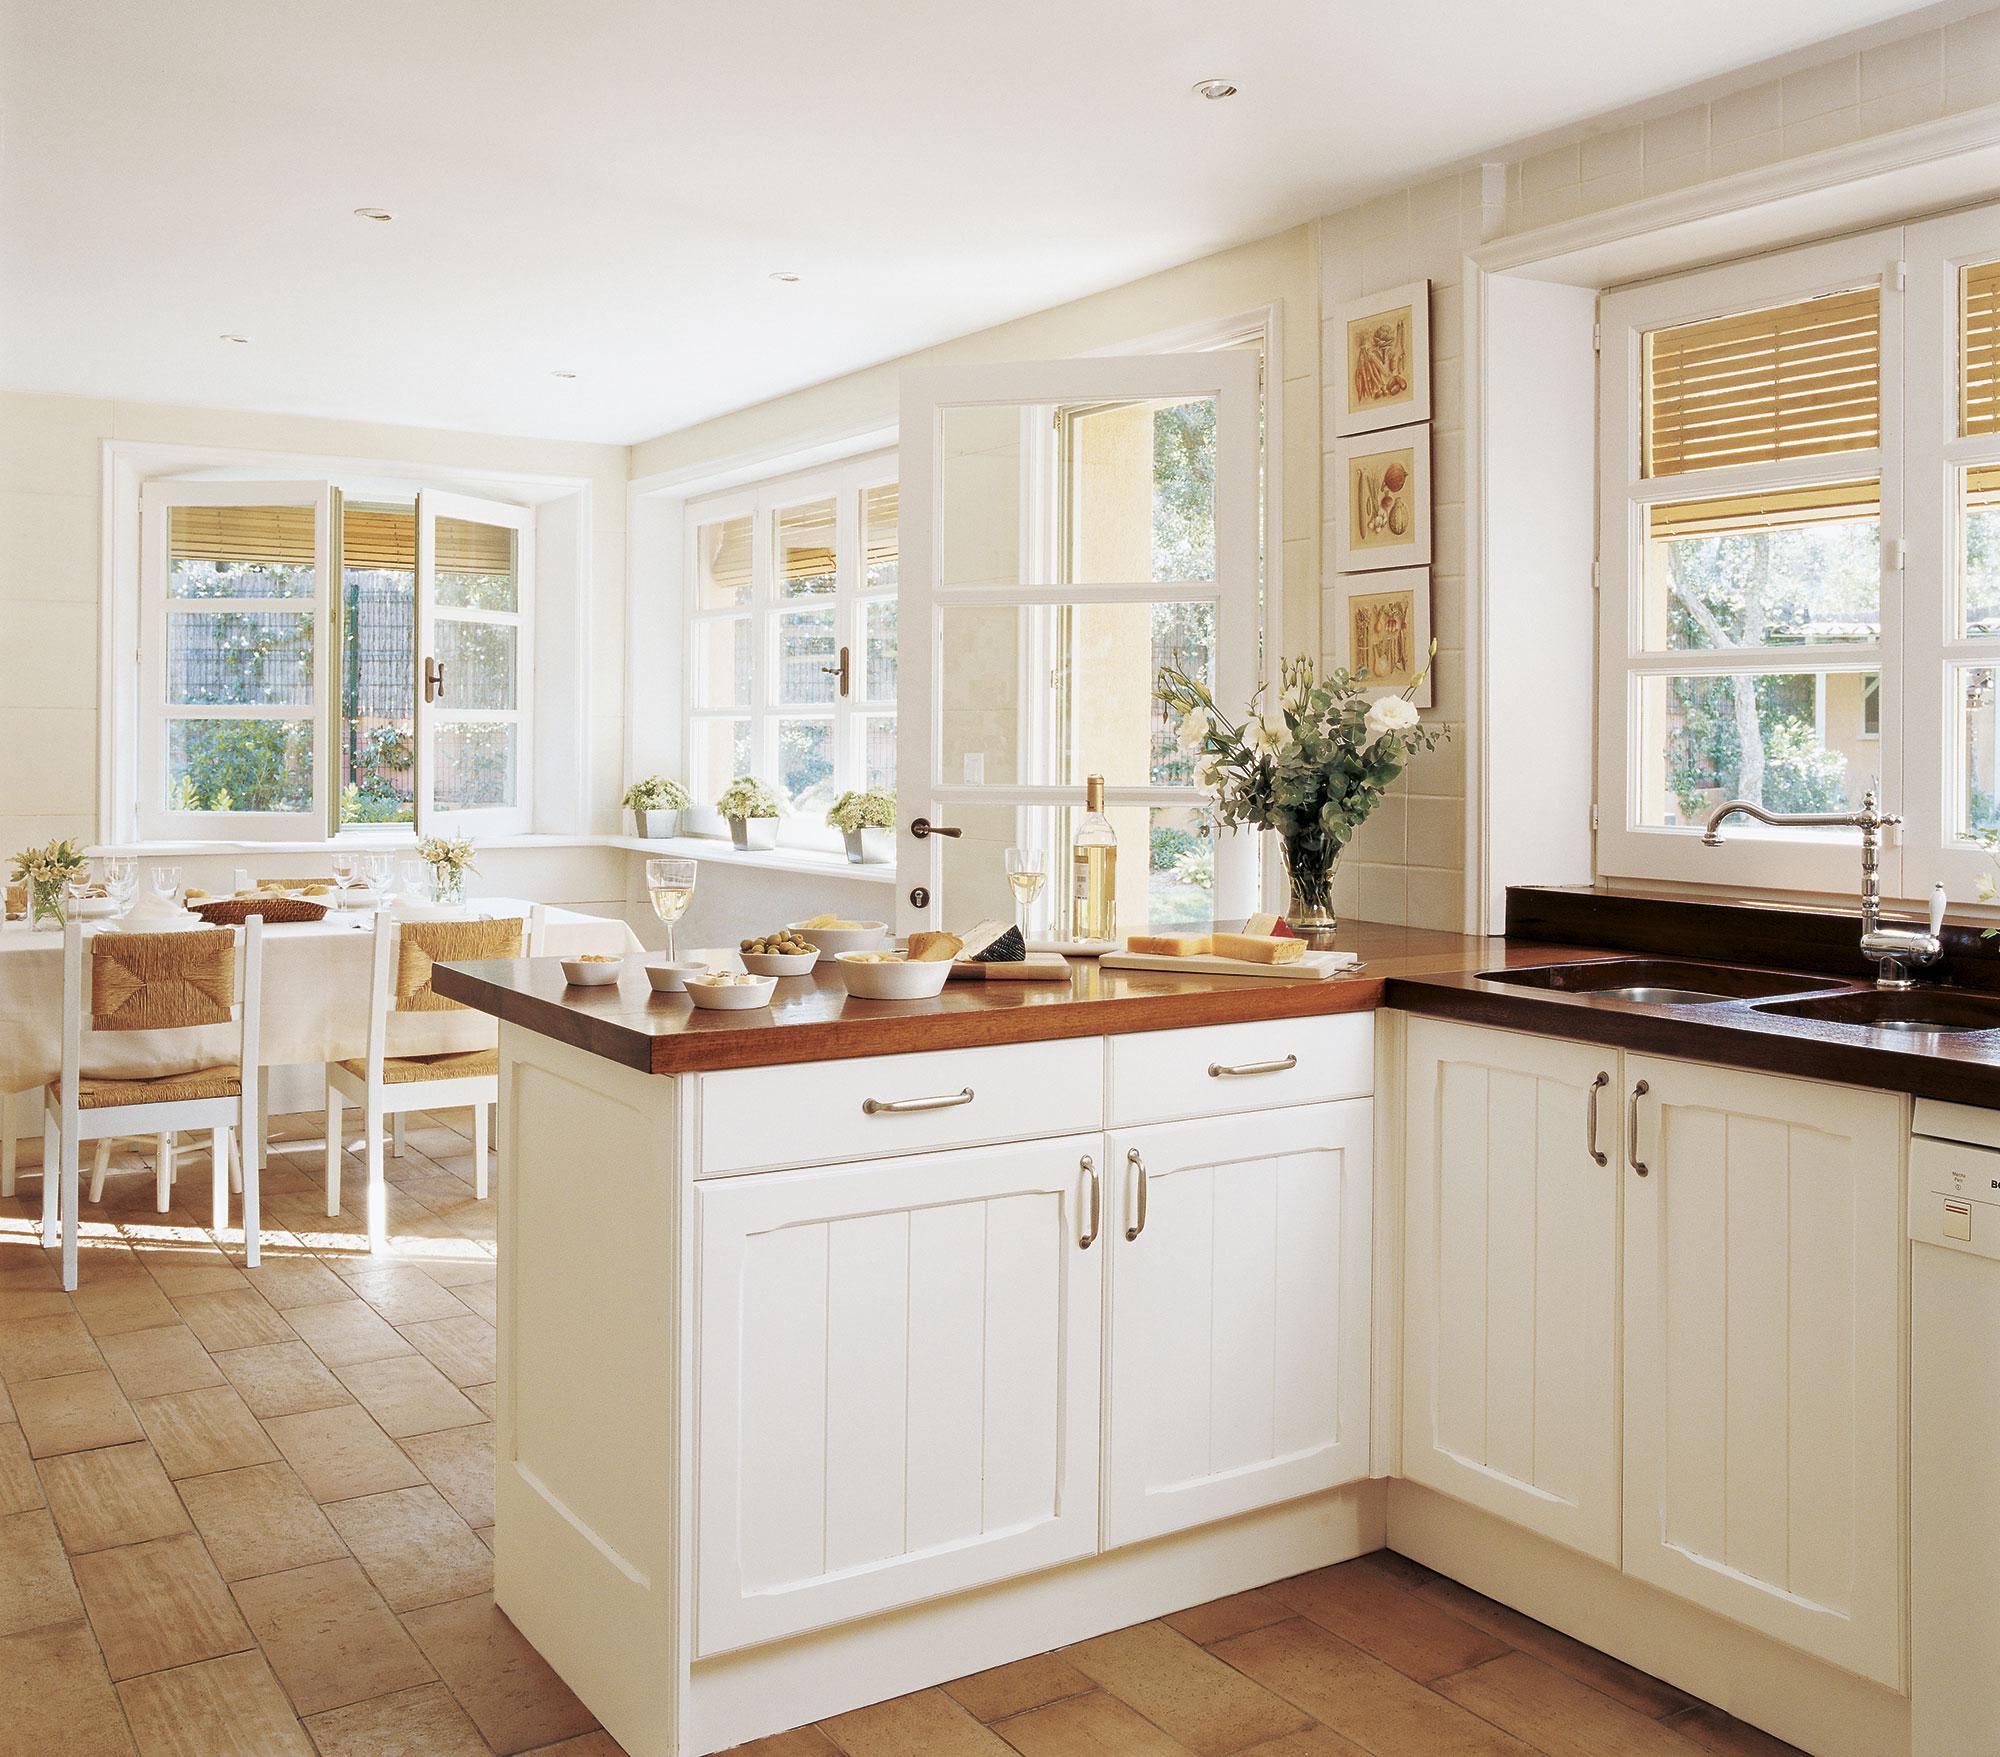 Coordinar gabinete de la cocina piso de madera de color - Cocina Con Pen Nsula Con Encimera De Madera Y Office Al Fondo